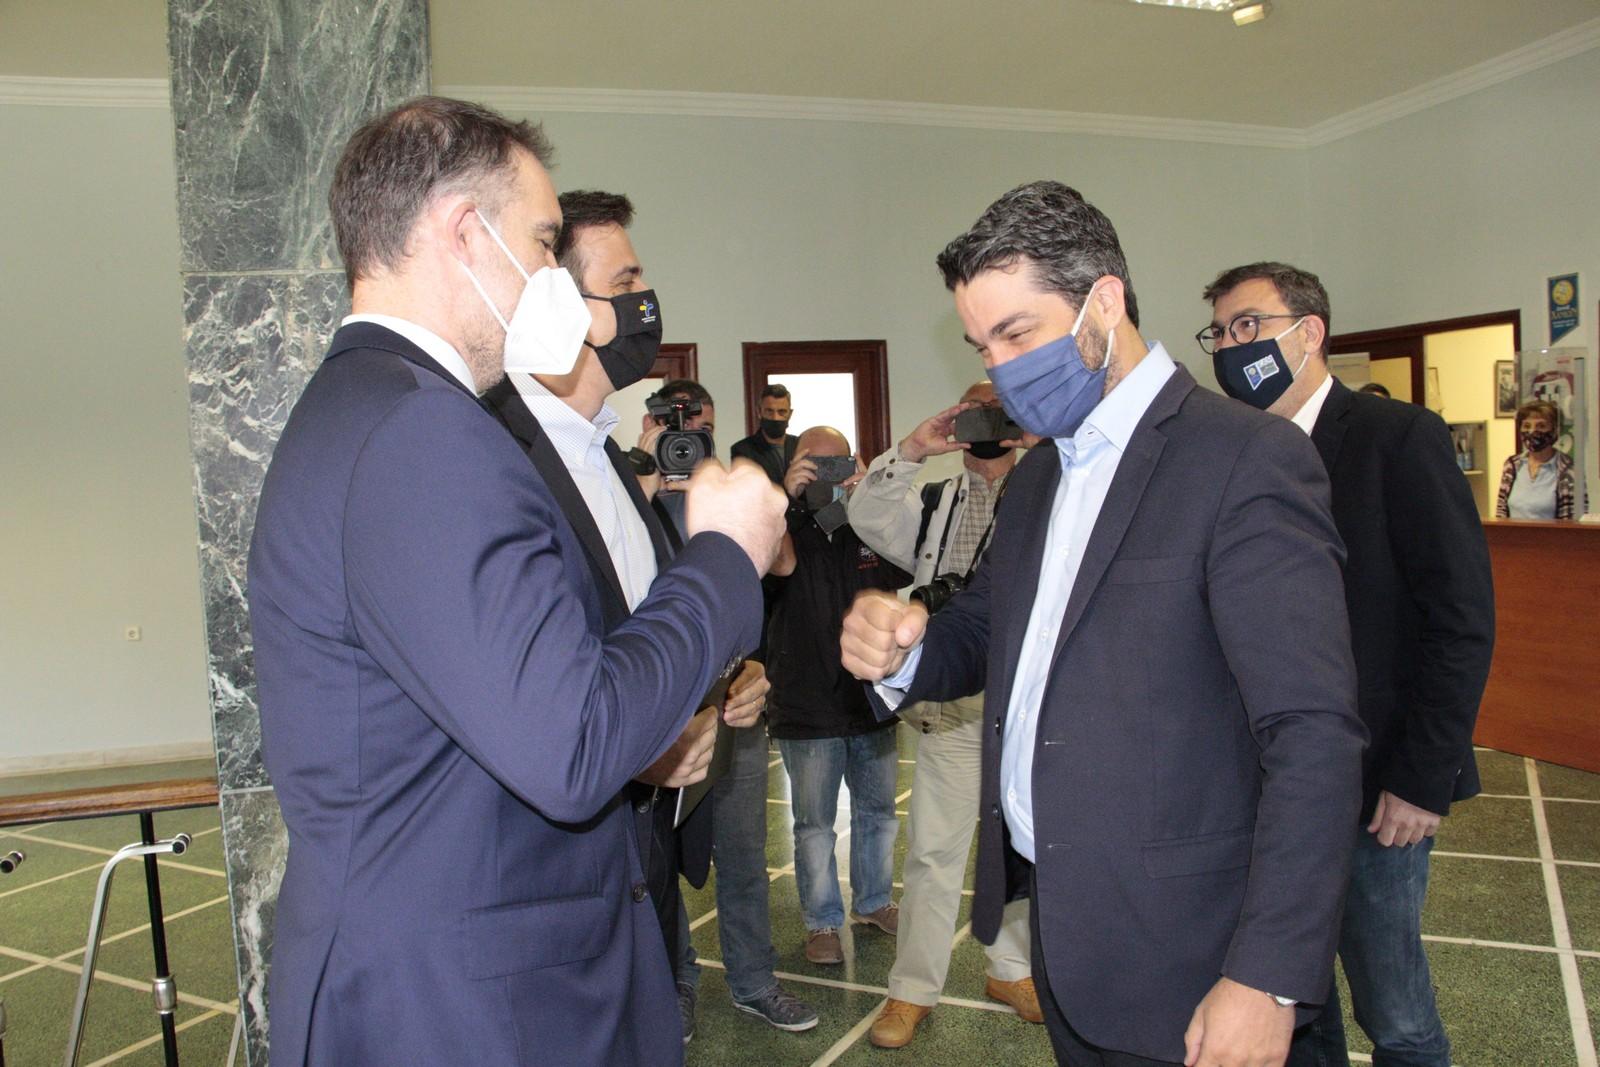 https://www.chania.gr/files/55/43990/arkoumaneas_vasilikos_1.jpg